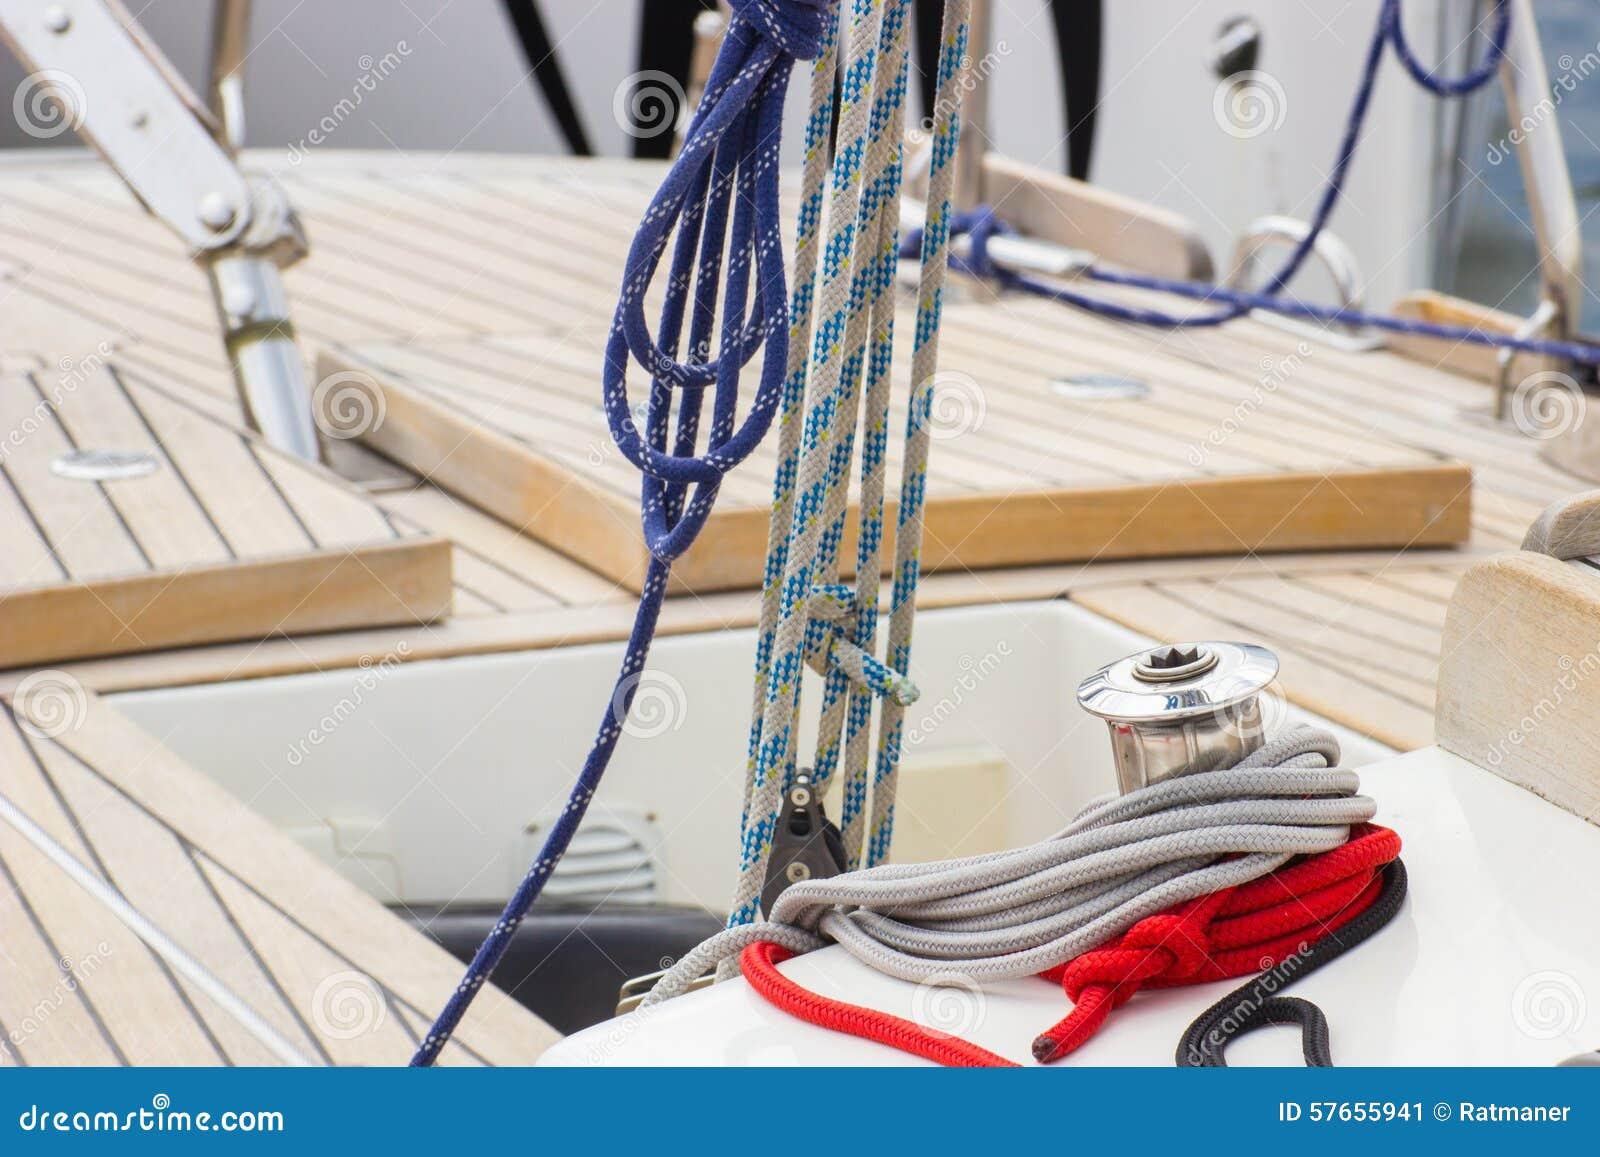 Jachting, kolorowa arkana na żaglówce, szczegóły jacht